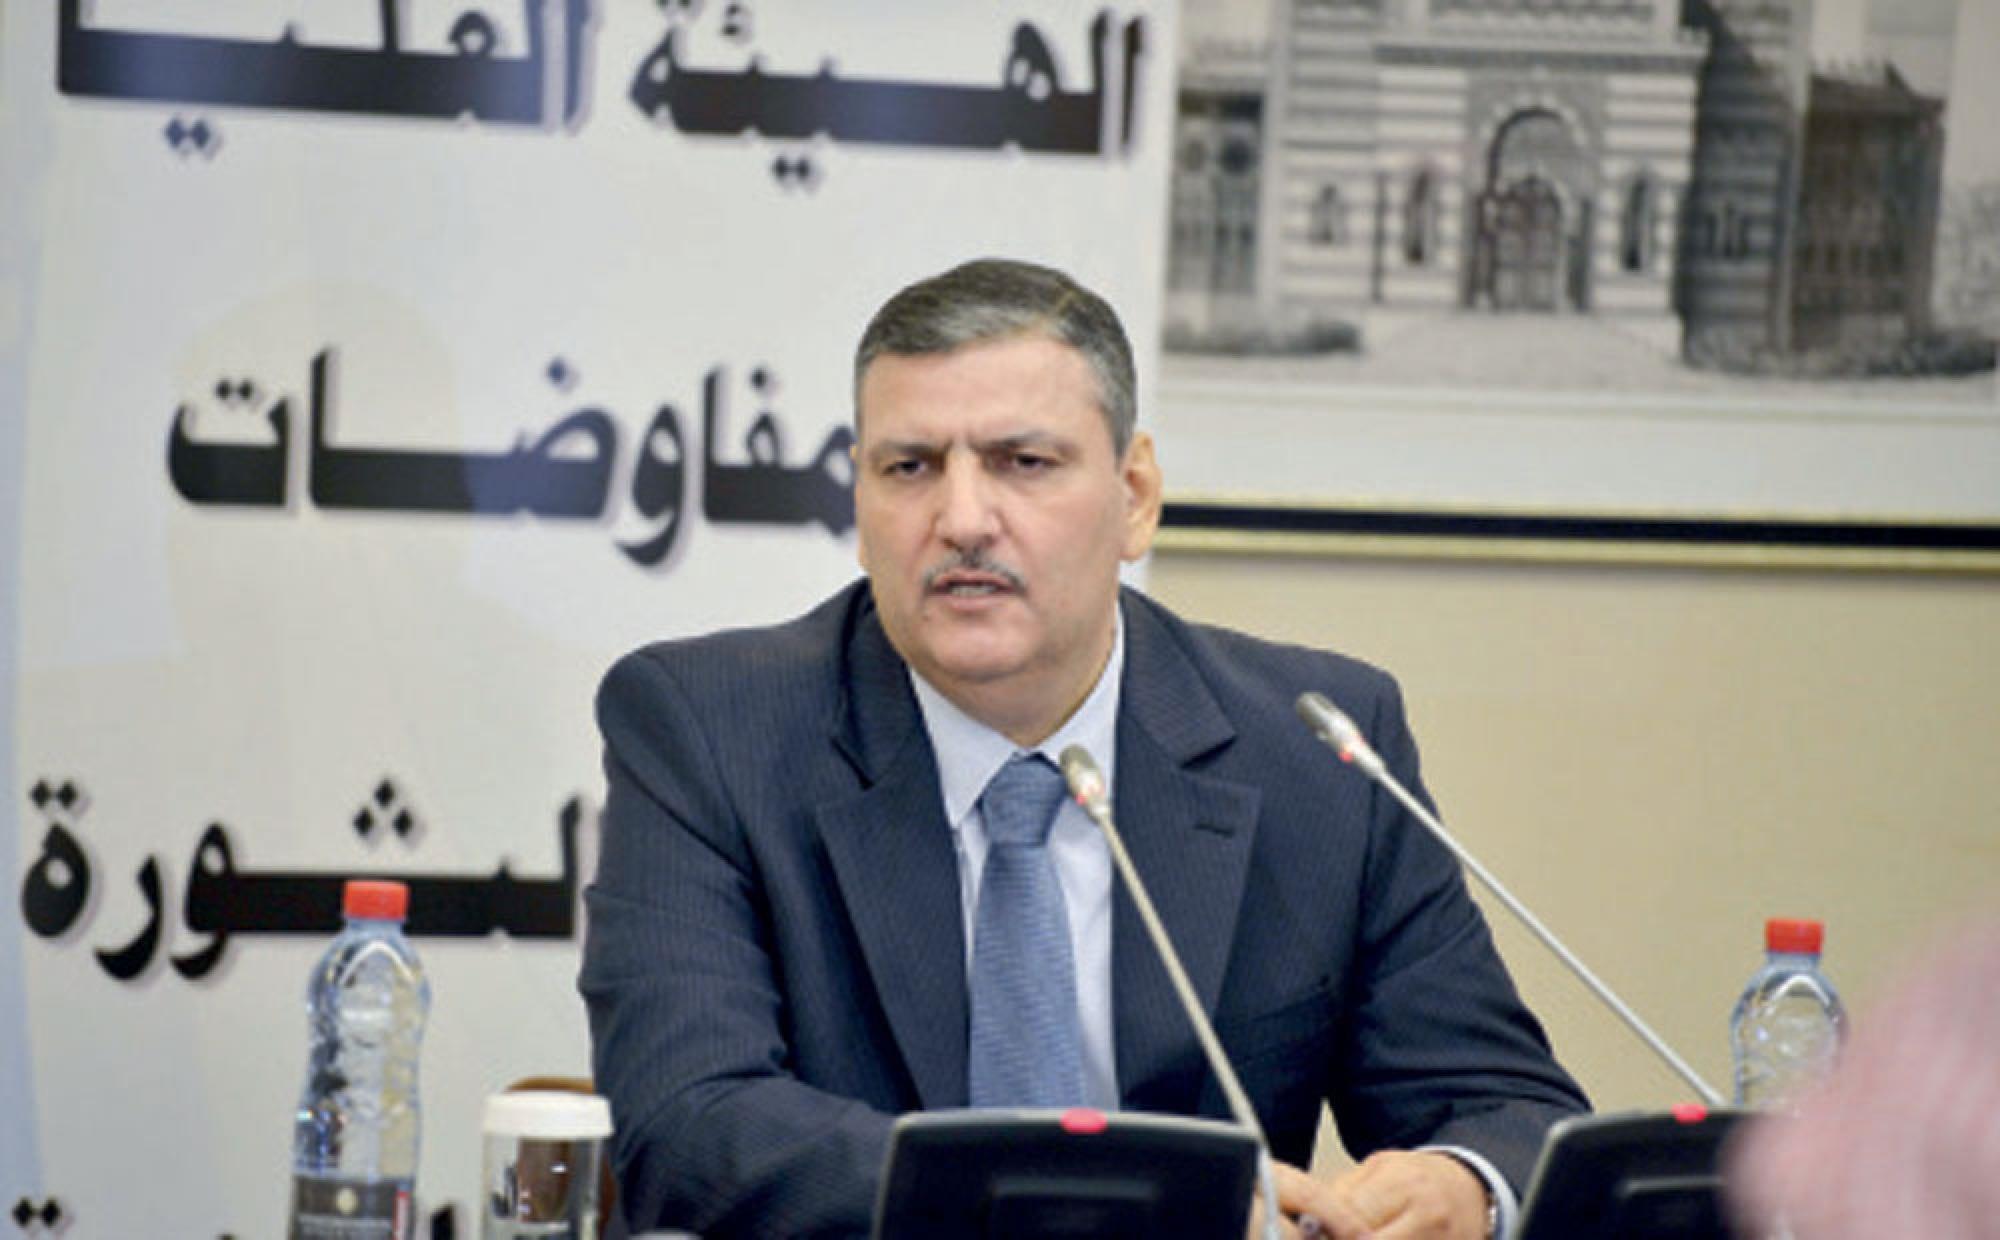 هيئة التفاوض تسجل 17 ملاحظة حول بيان وقف إطلاق النار